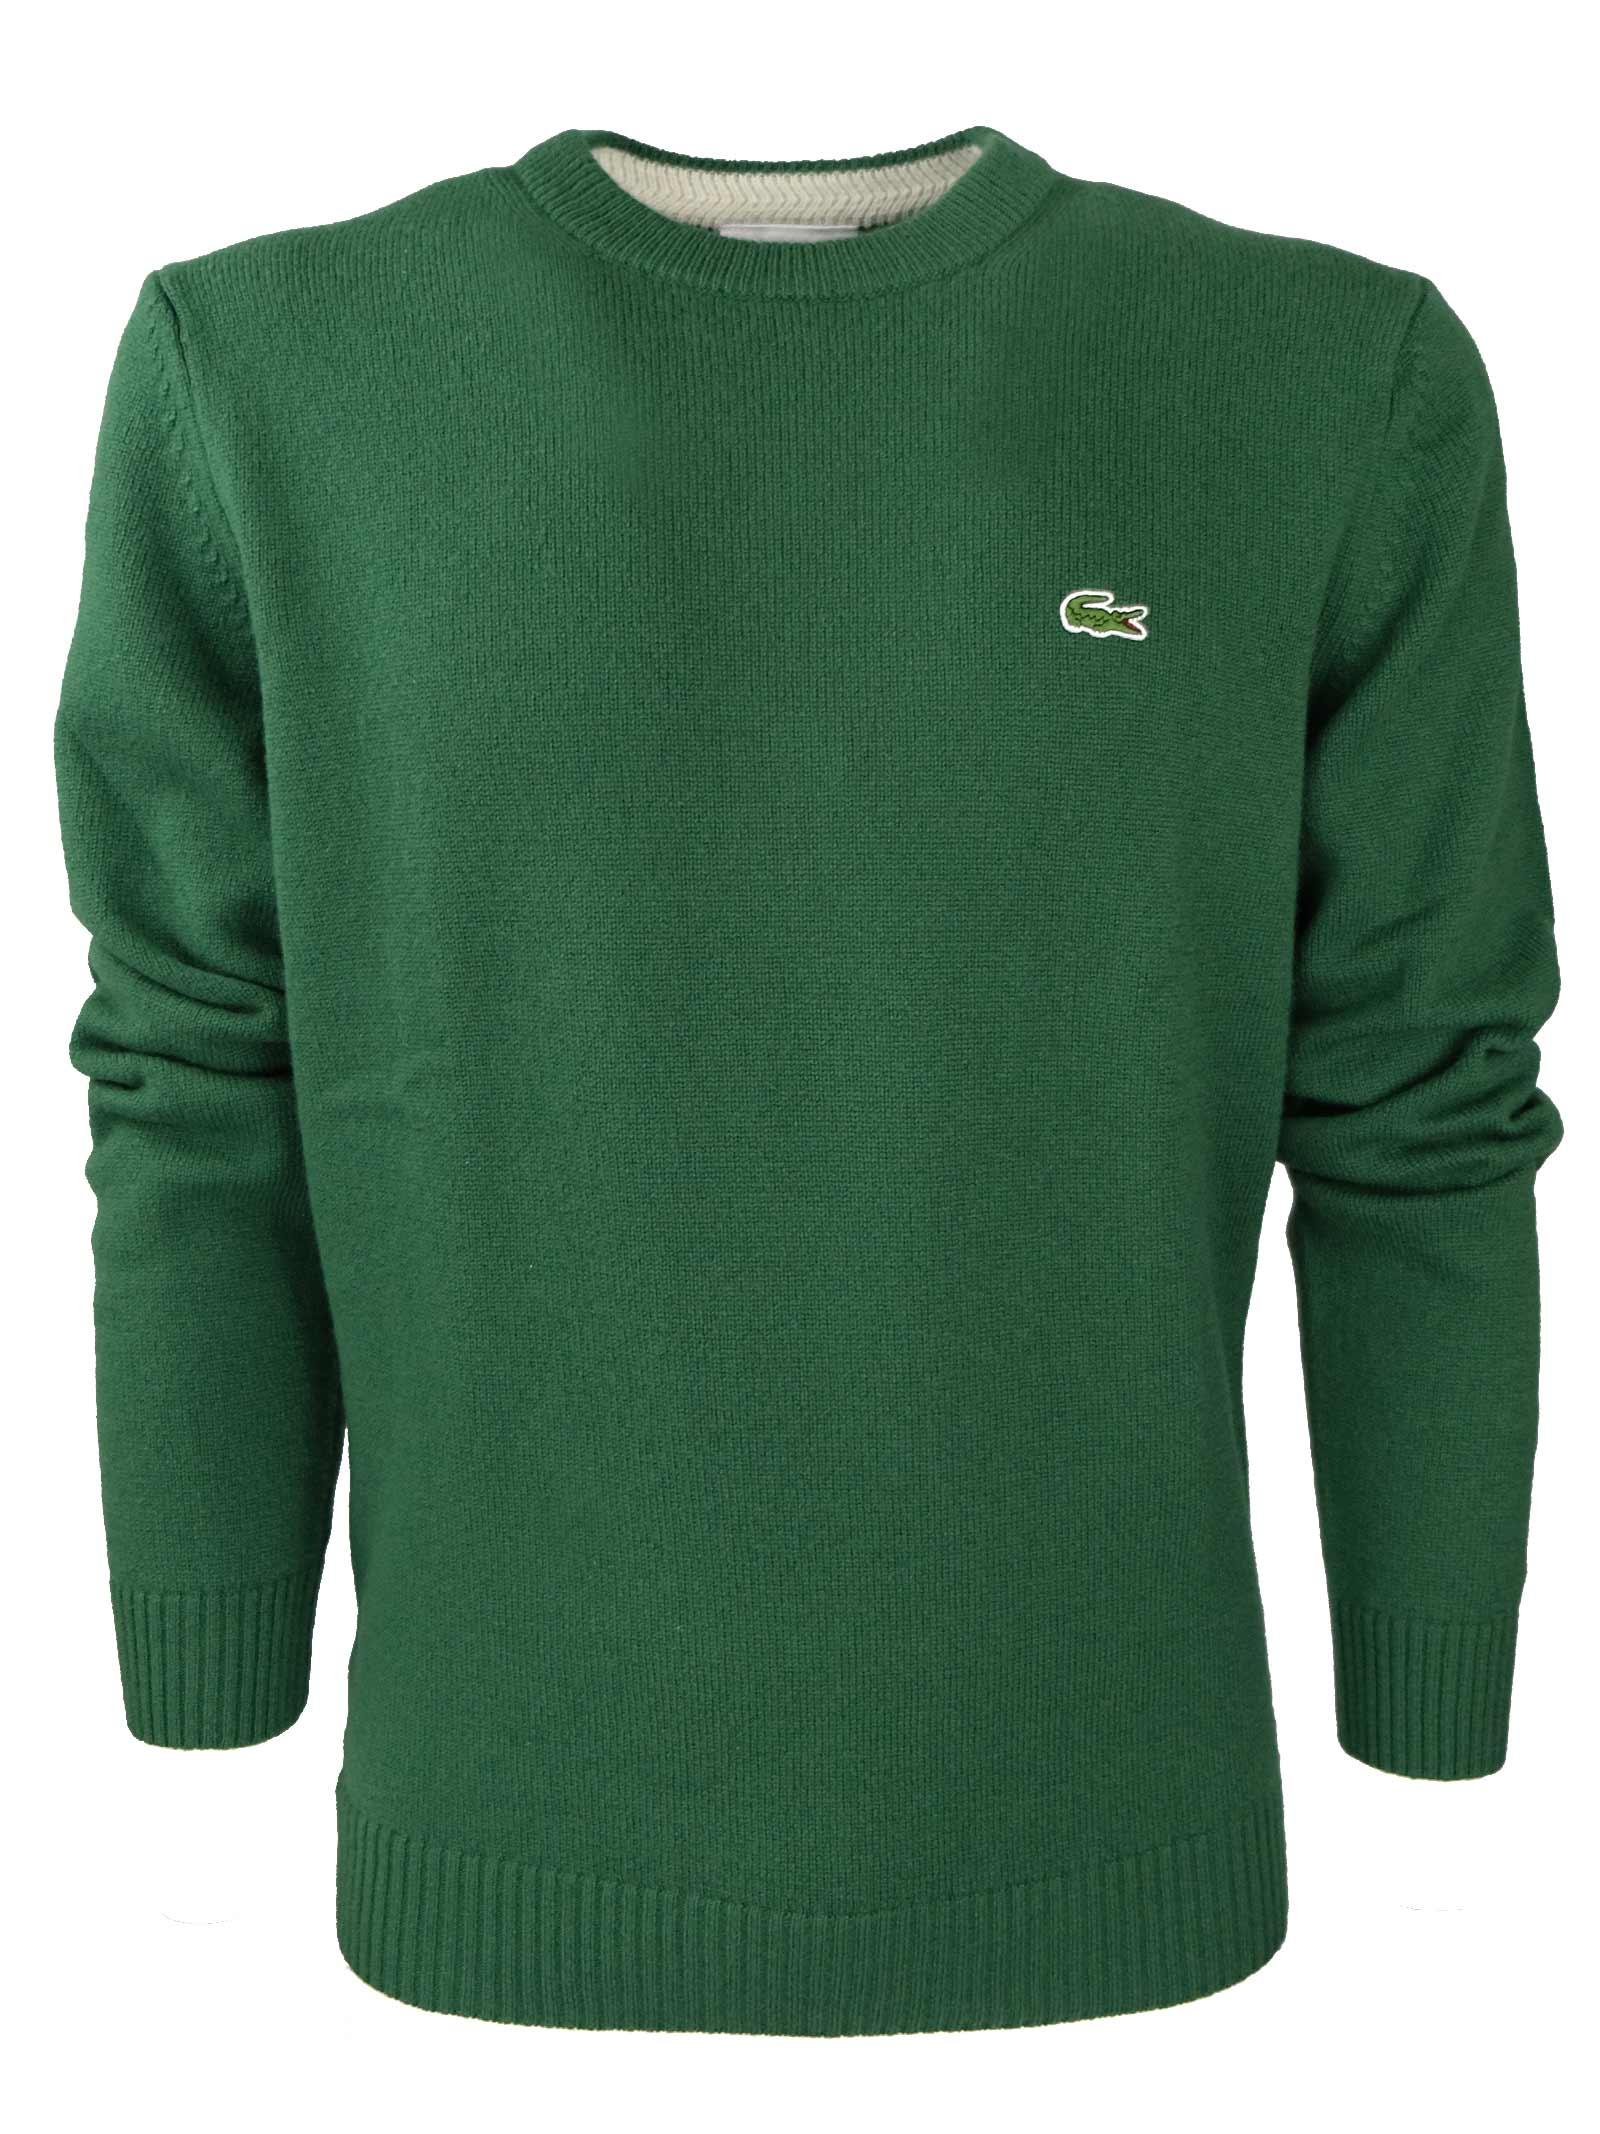 LACOSTE | Knitwear | AH1985132